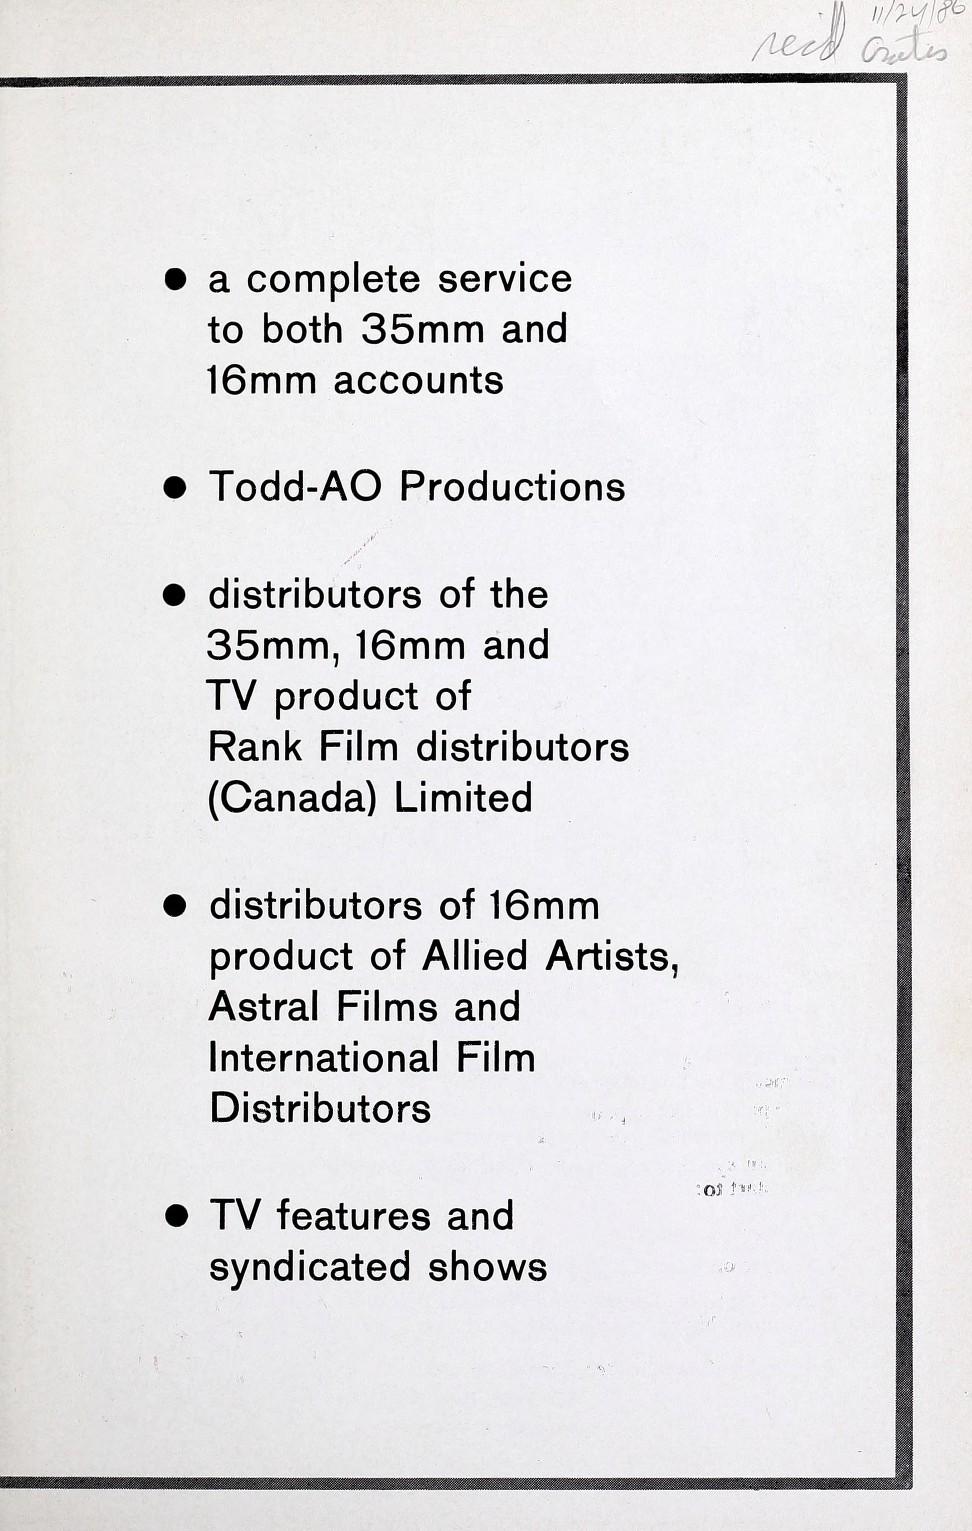 196061yearbookca00film_jp2.zip&file=196061yearbookca00film_jp2%2f196061yearbookca00film_0003